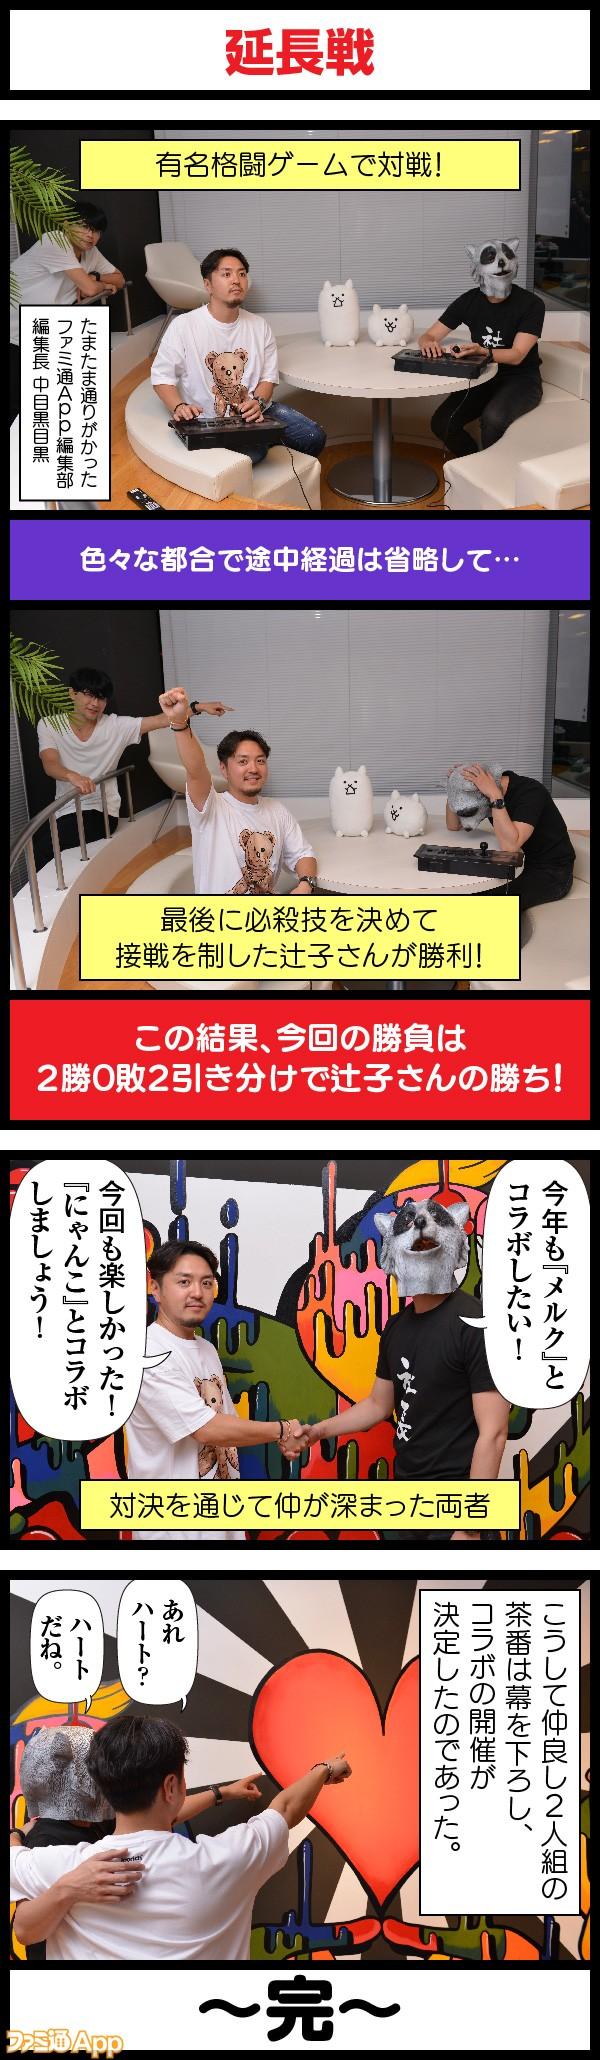 manga_nyanko_6